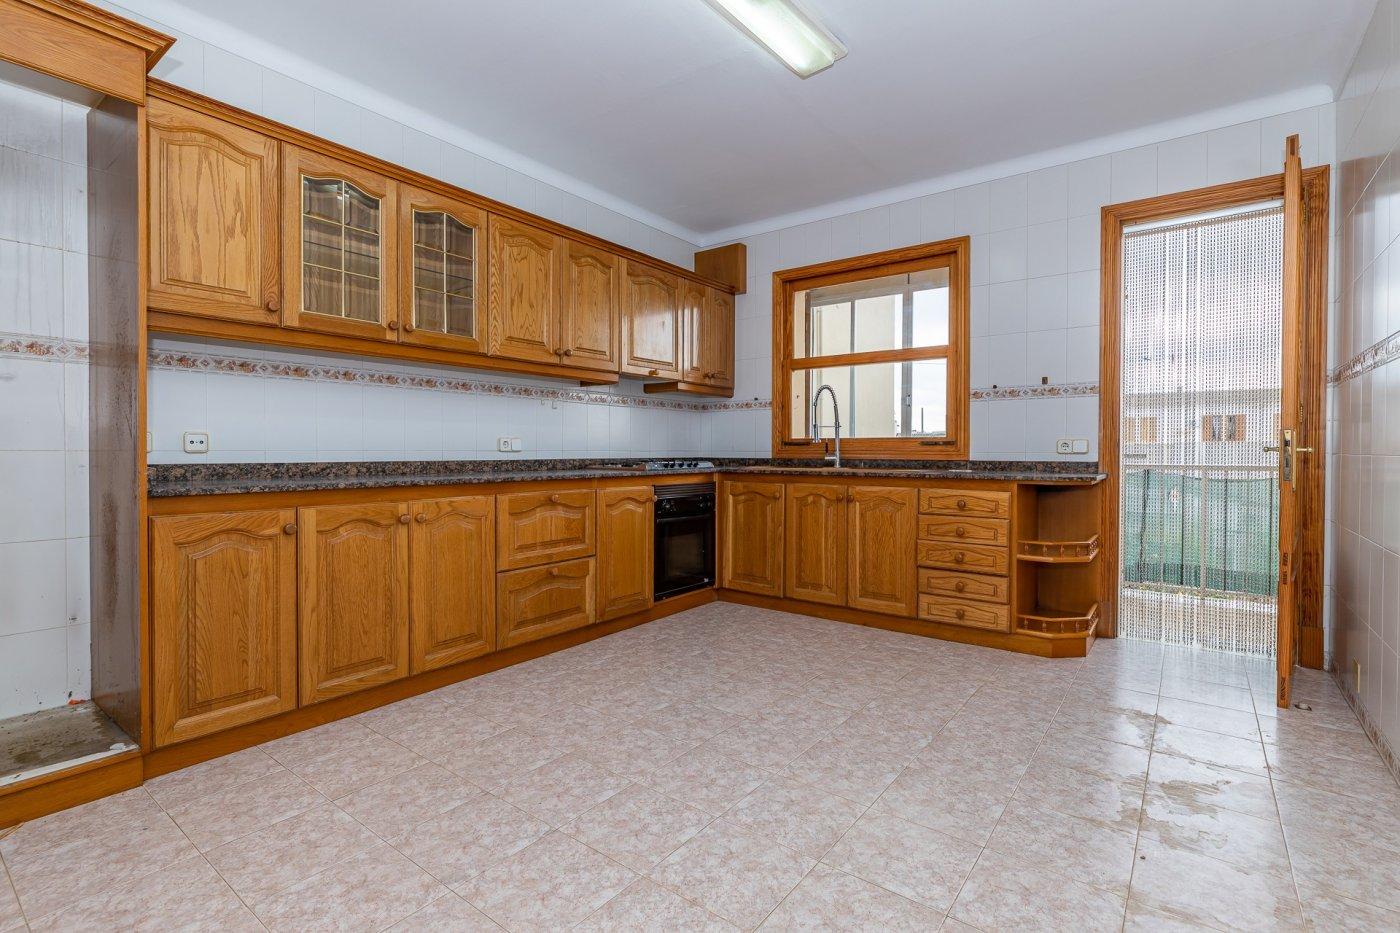 Planta baja y sala adicional de 95 m² con patio de 160 m² - imagenInmueble18